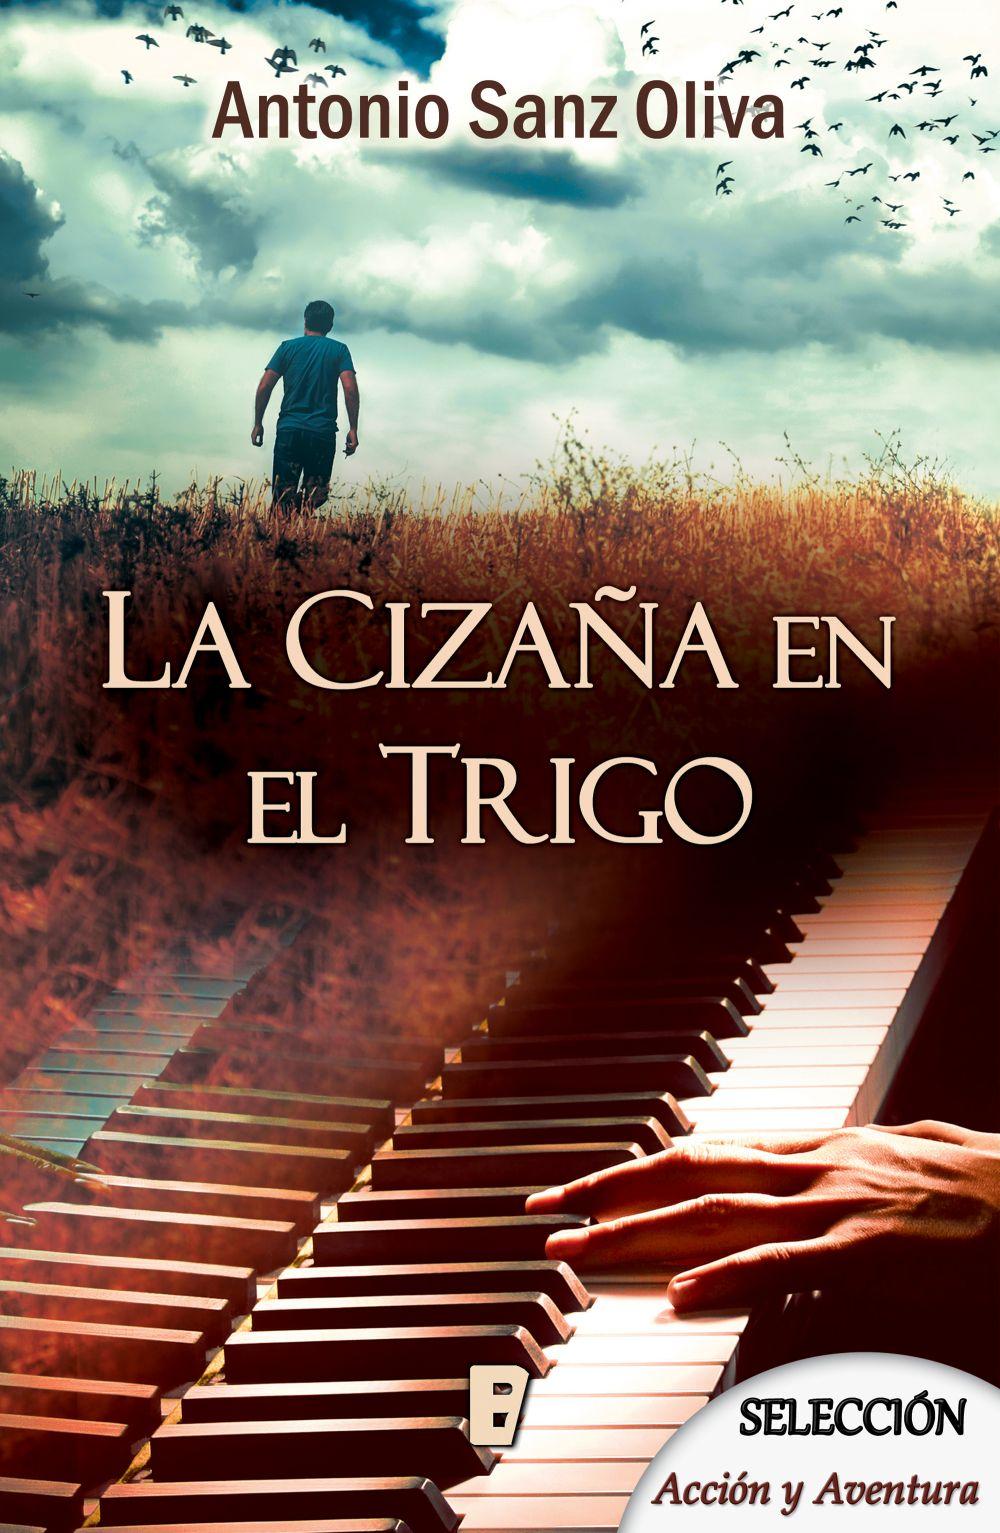 Libros por Autores Antonio Sanz Oliva. EL FIORDO DE LA QUIMERA